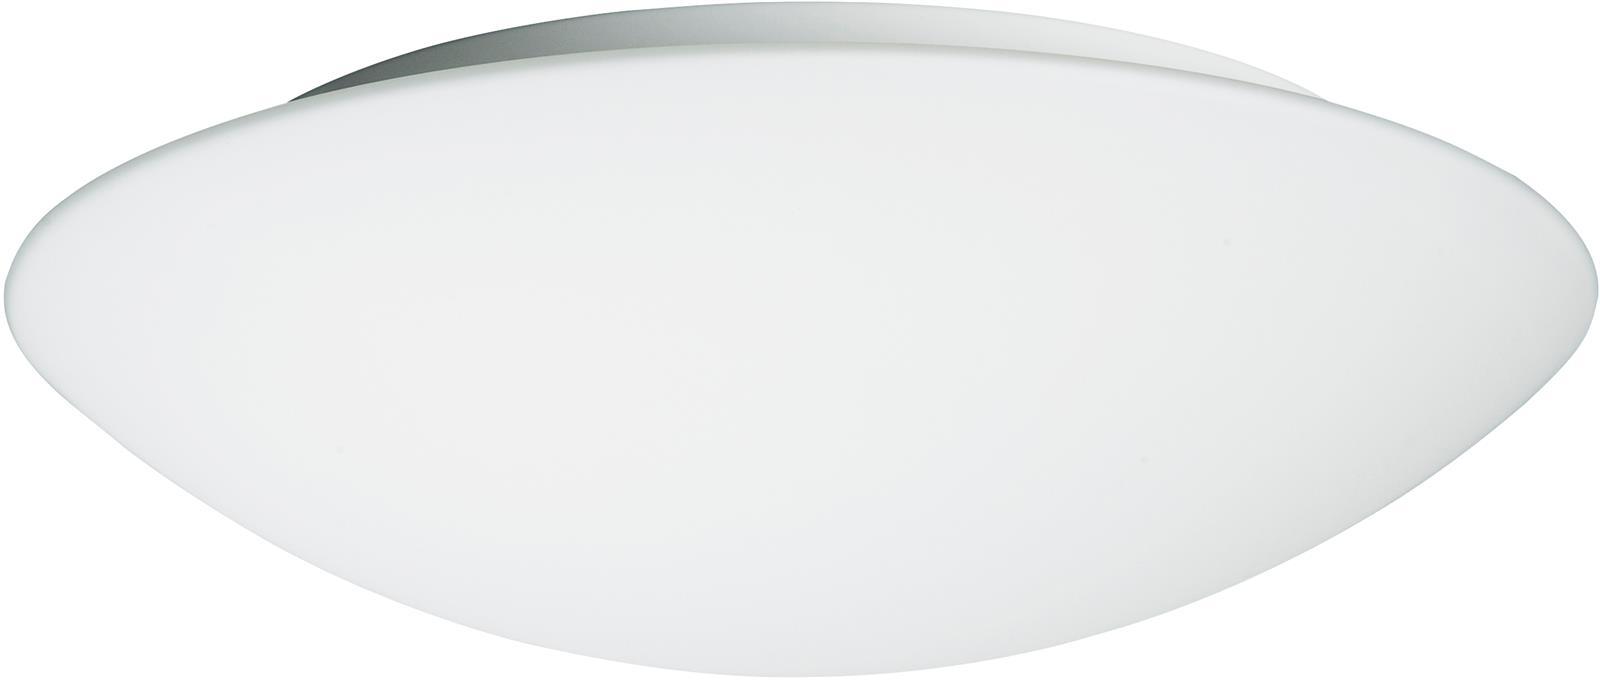 Lupis glasplafond